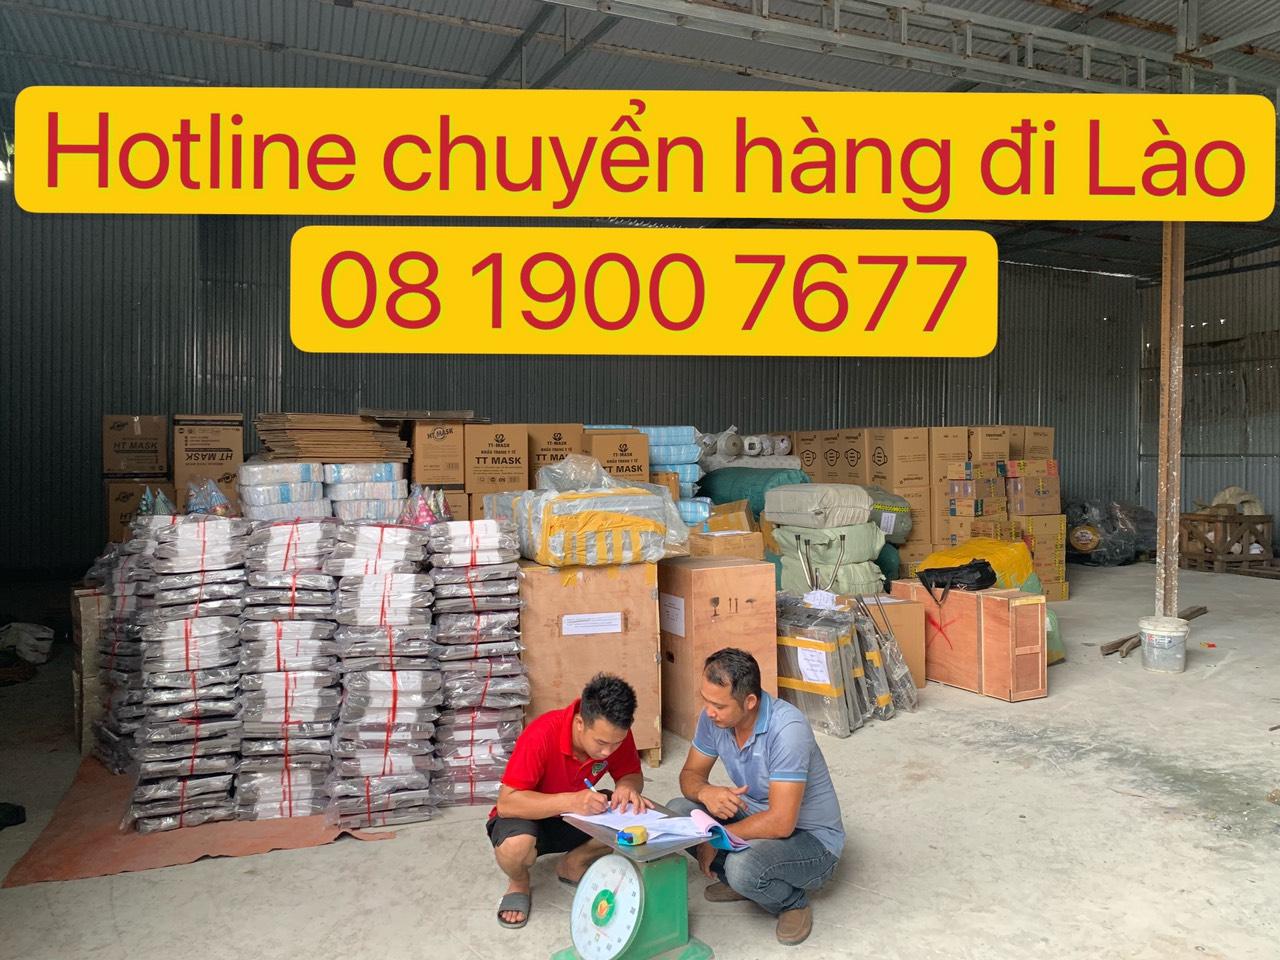 chuyển hàng Hà Nam đi Viêng Chăn Lào